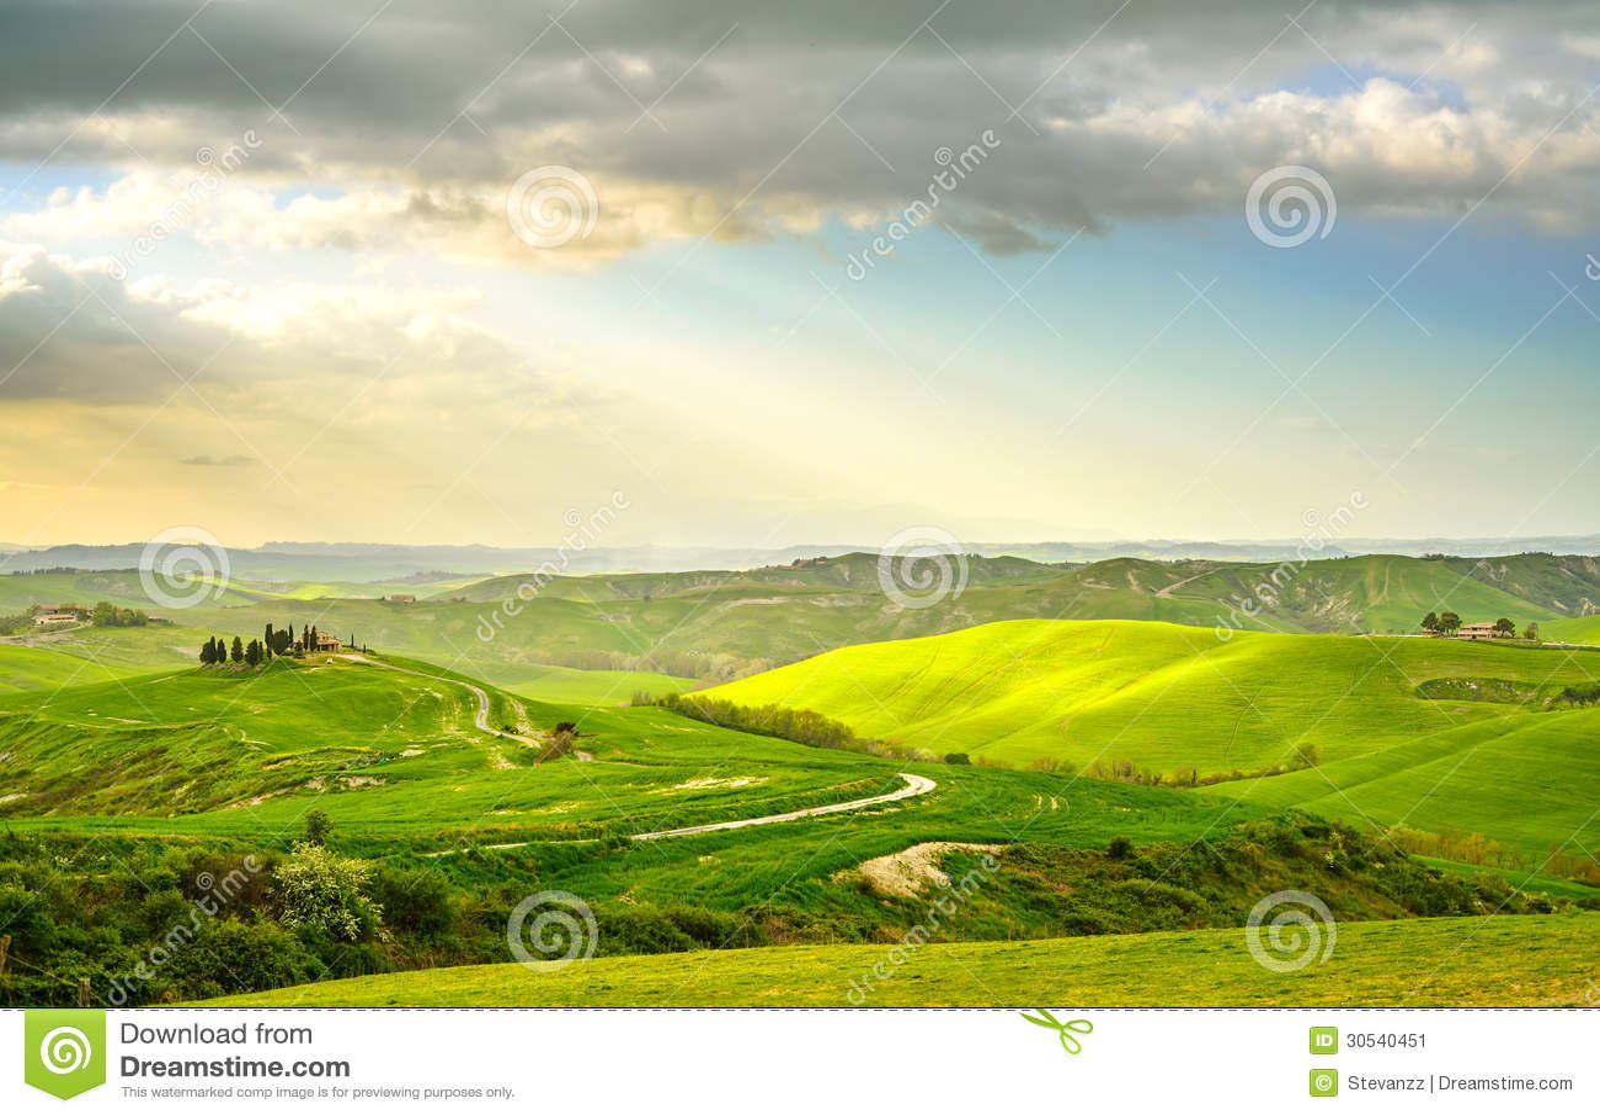 Toscana, paisaje rural de la puesta del sol. Granja del campo, camino blanco y árboles de ciprés.